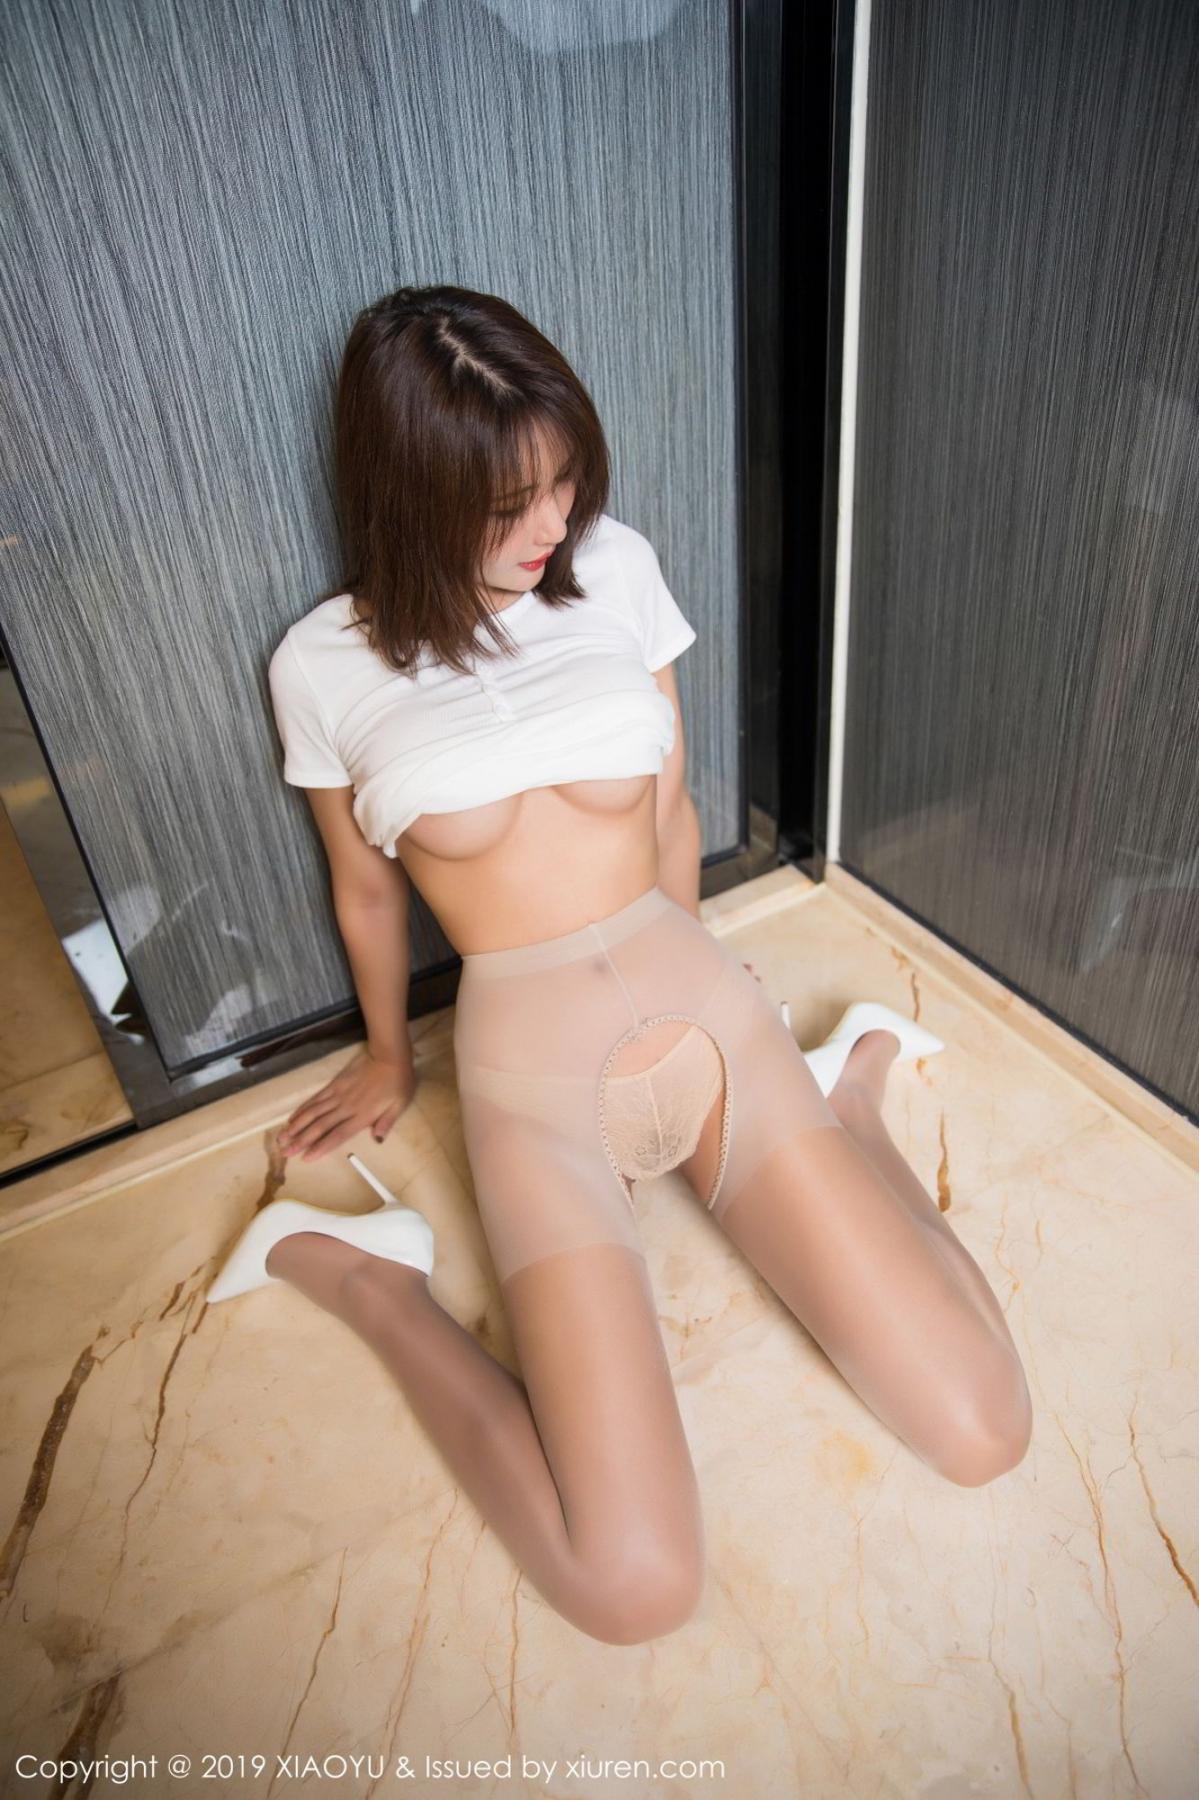 [XiaoYu] Vol.112 Solo Yi Fei 15P, Solo Yi Fei, Underwear, XiaoYu